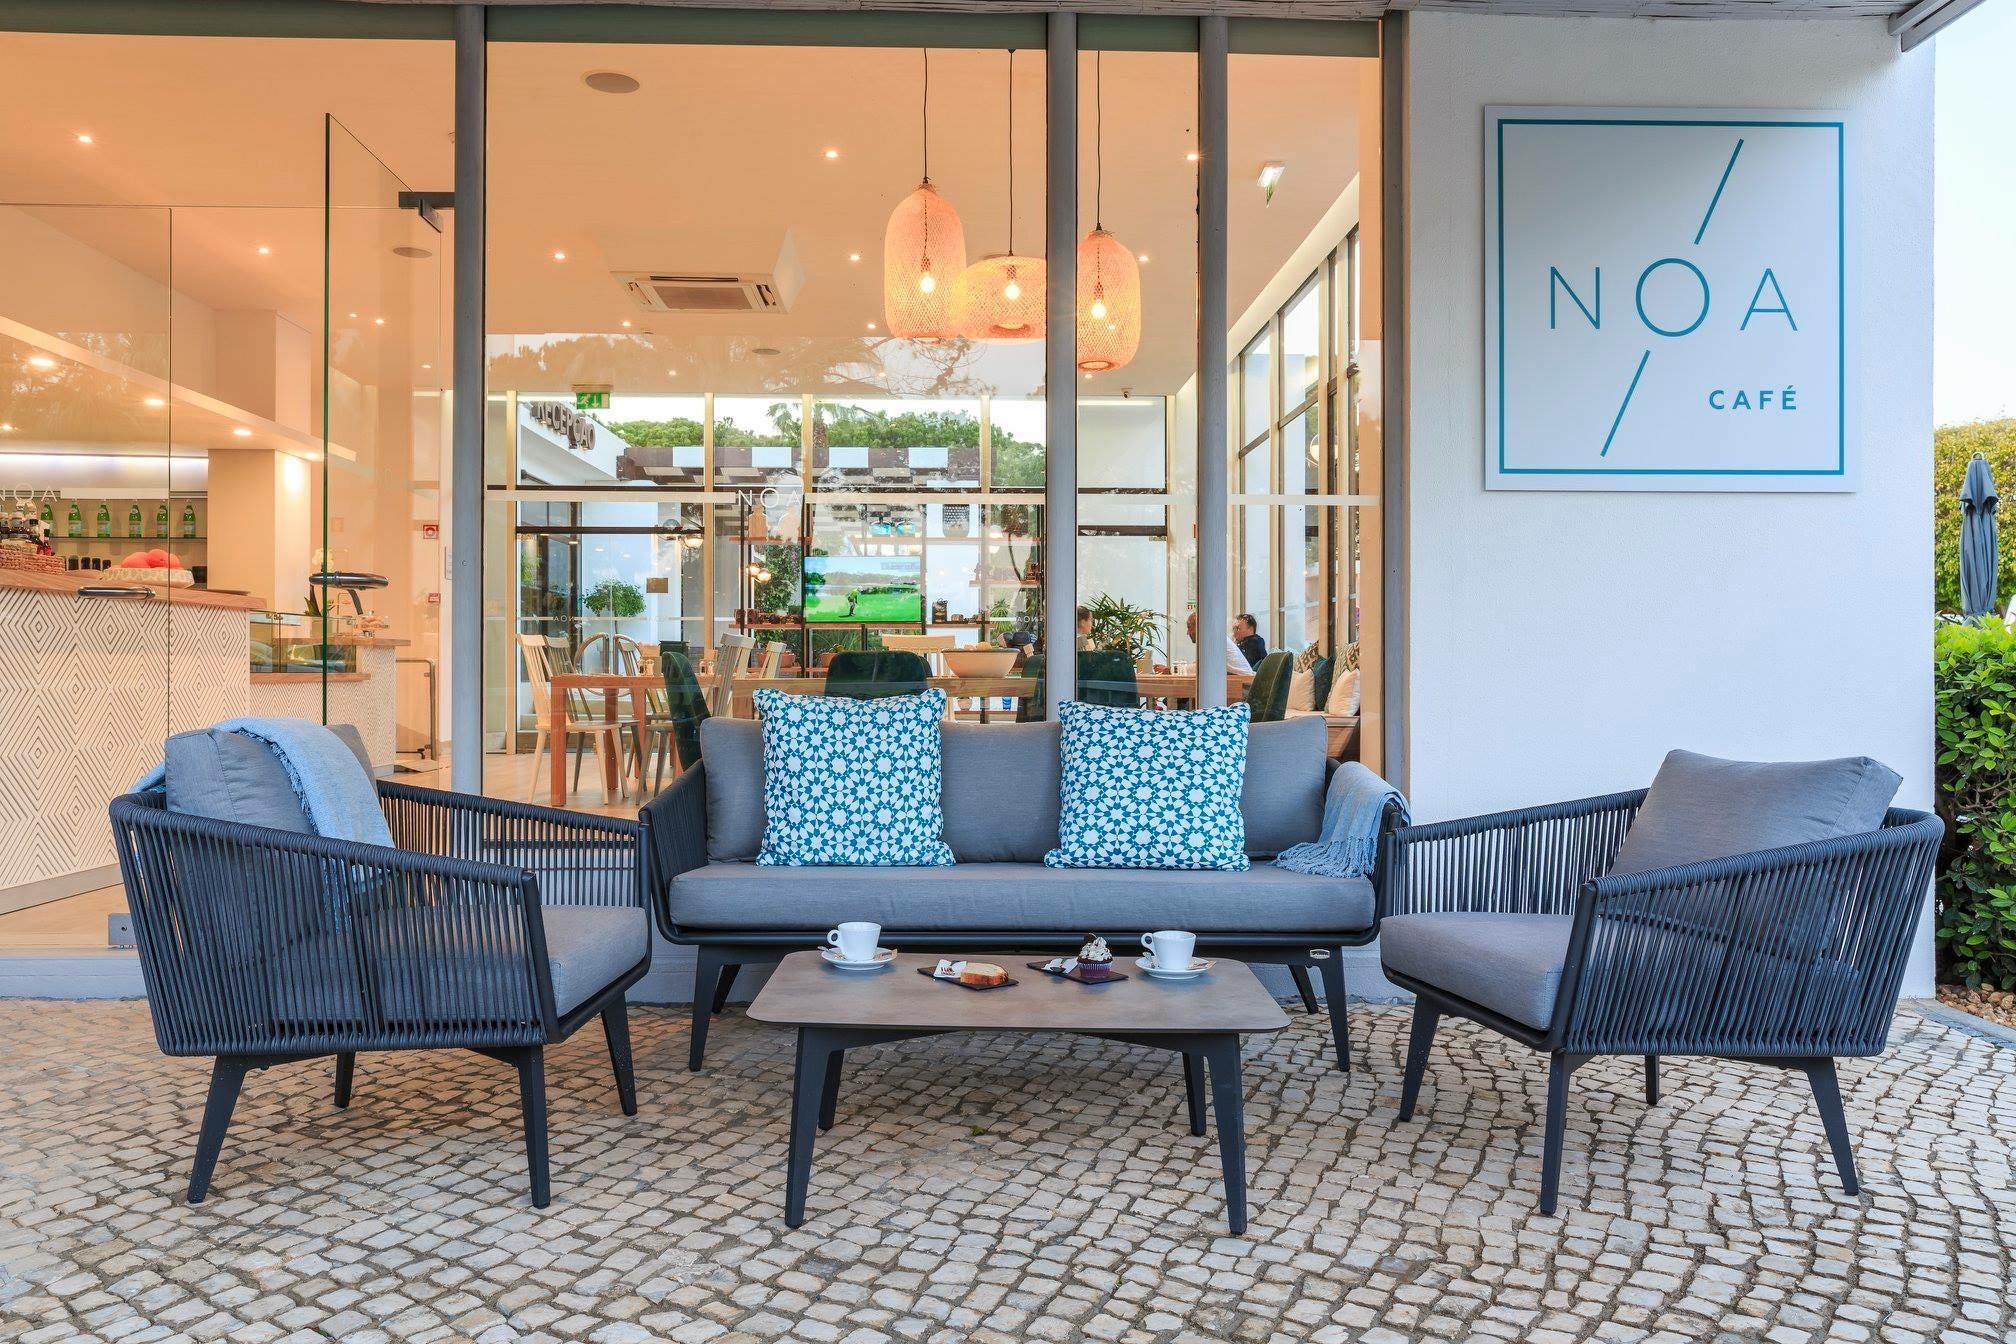 NOA Café 5.jpg